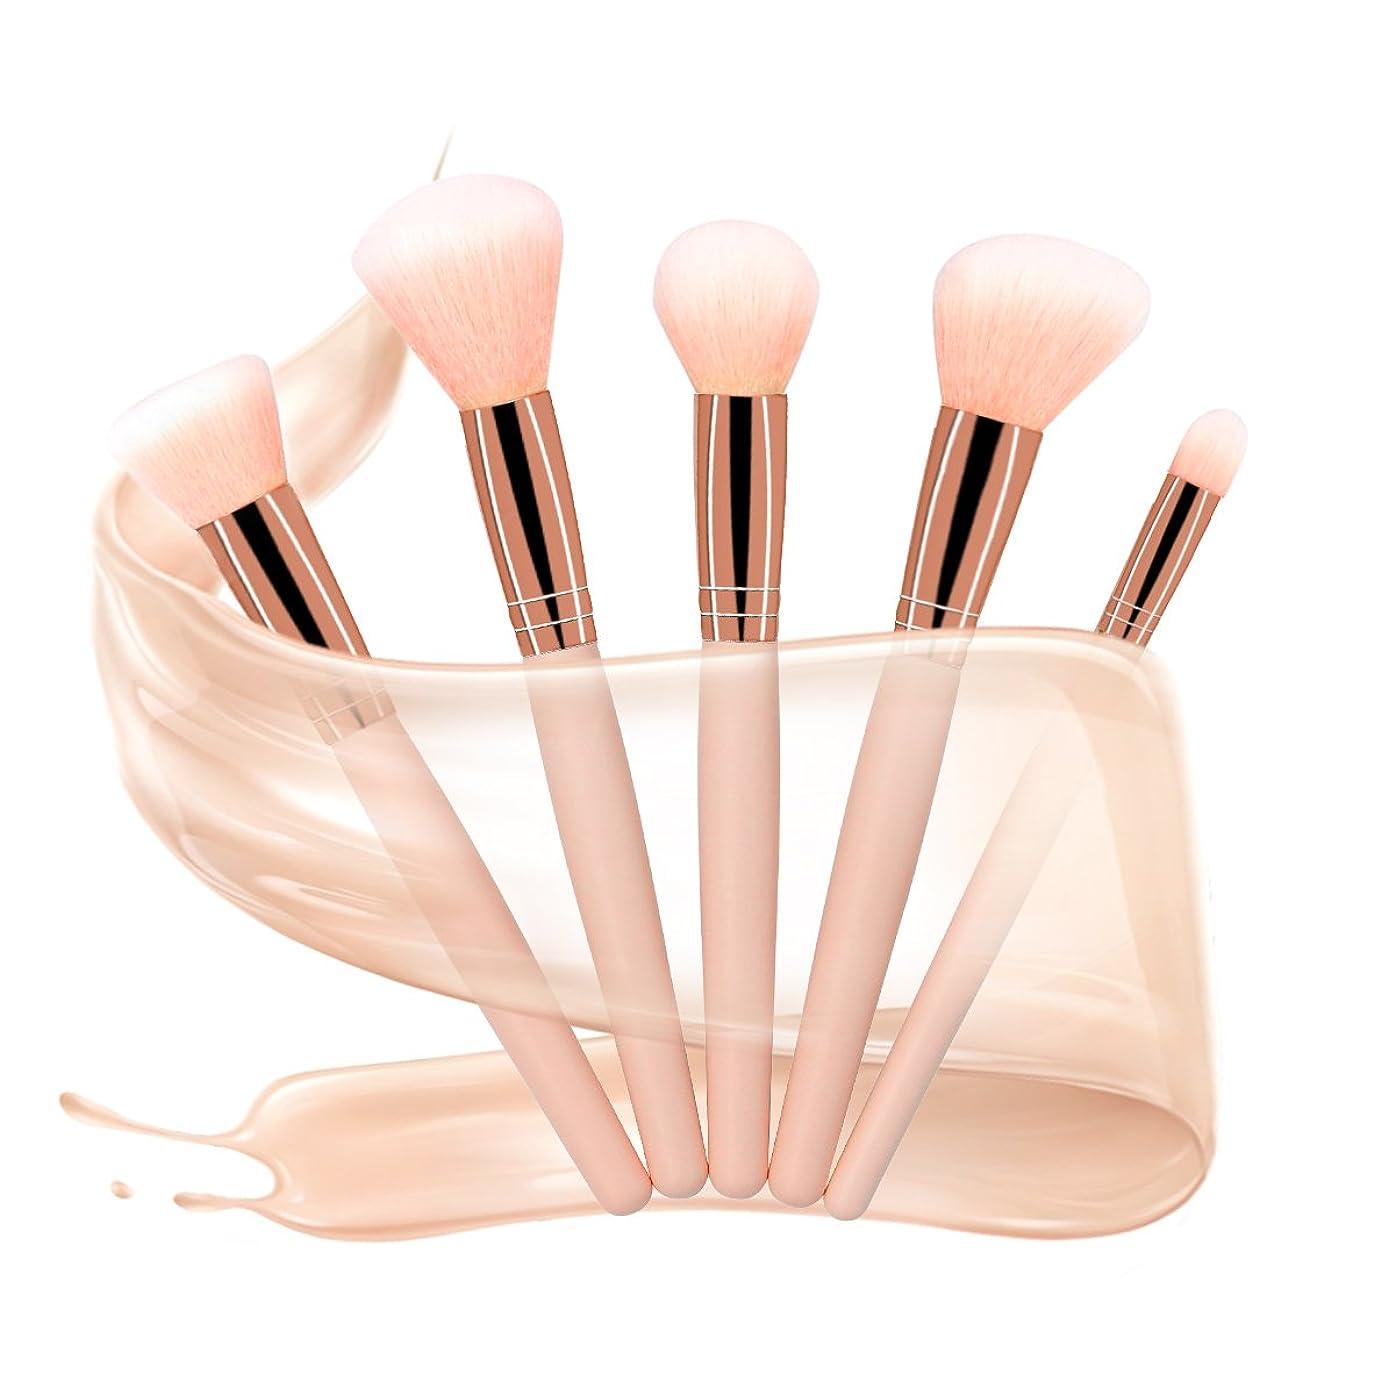 X-go 化粧筆 高級天然毛 5本セット 化粧 ブラシ 肌触りがふんわり 敏感肌適用 メイクブラシ (ピンク)